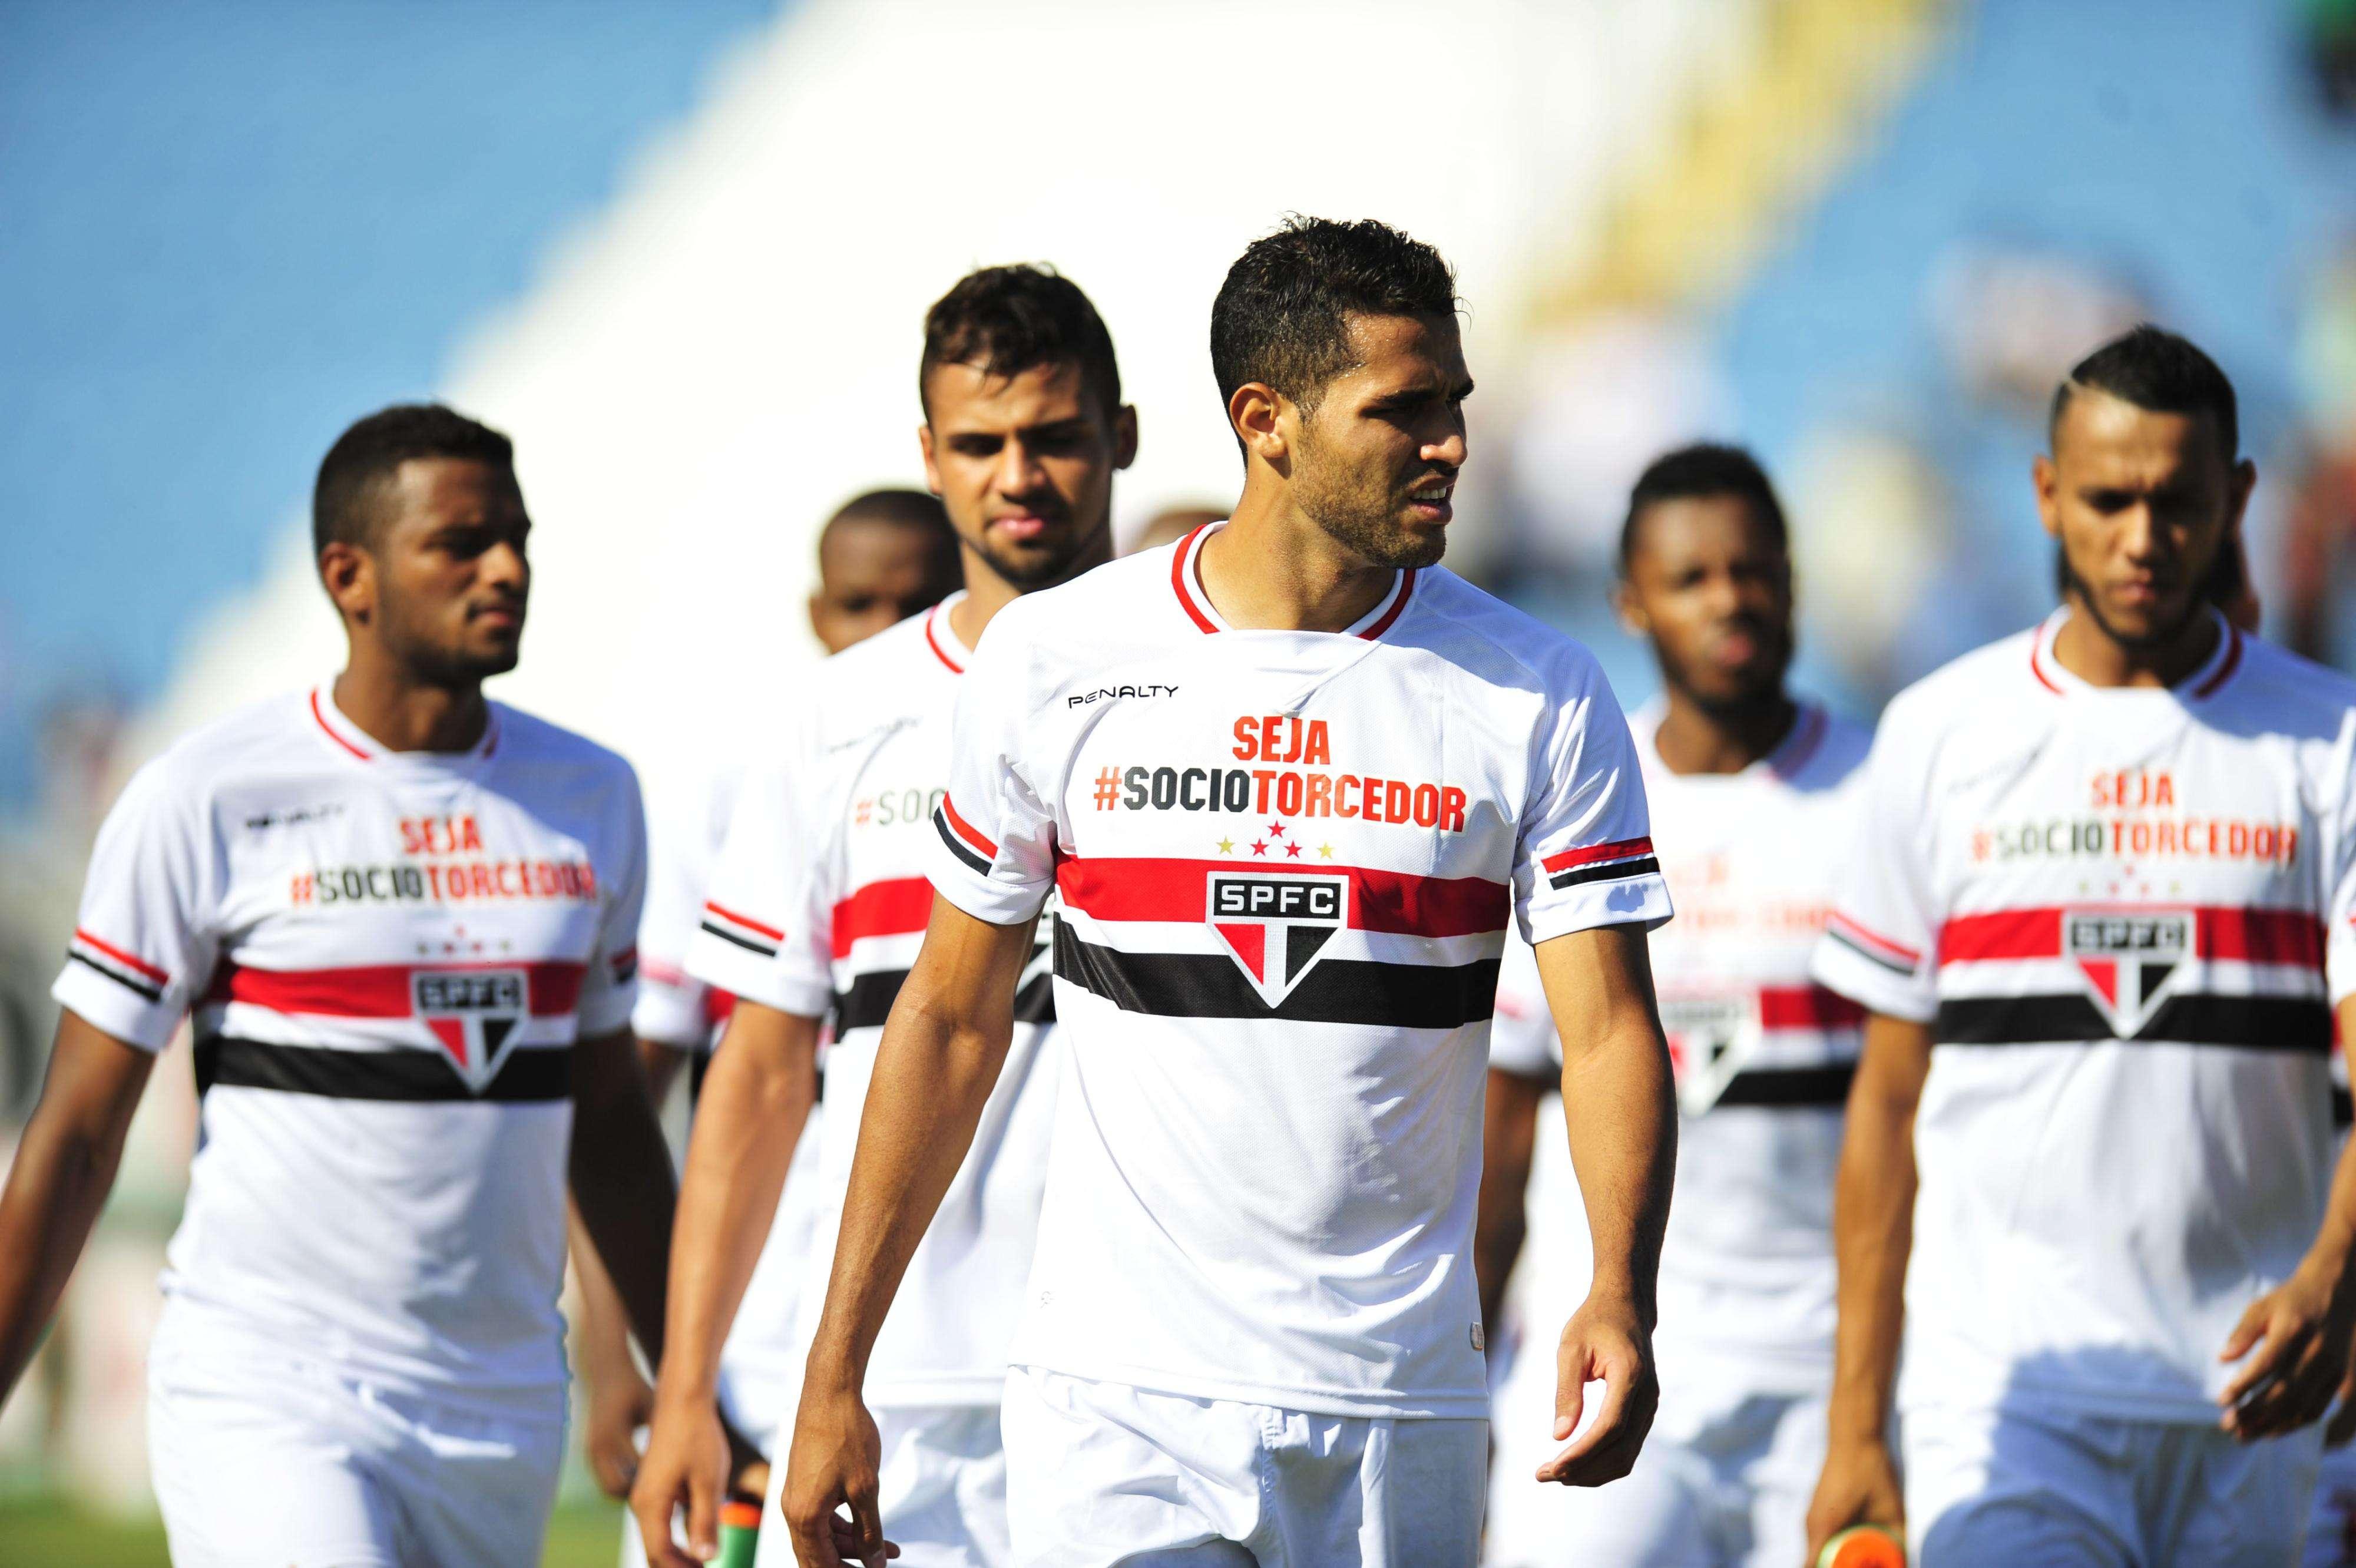 Reservas do São Paulo tiveram chance de mostrar futebol contra o Rio Claro Foto: Helio Suenaga/Futura Press